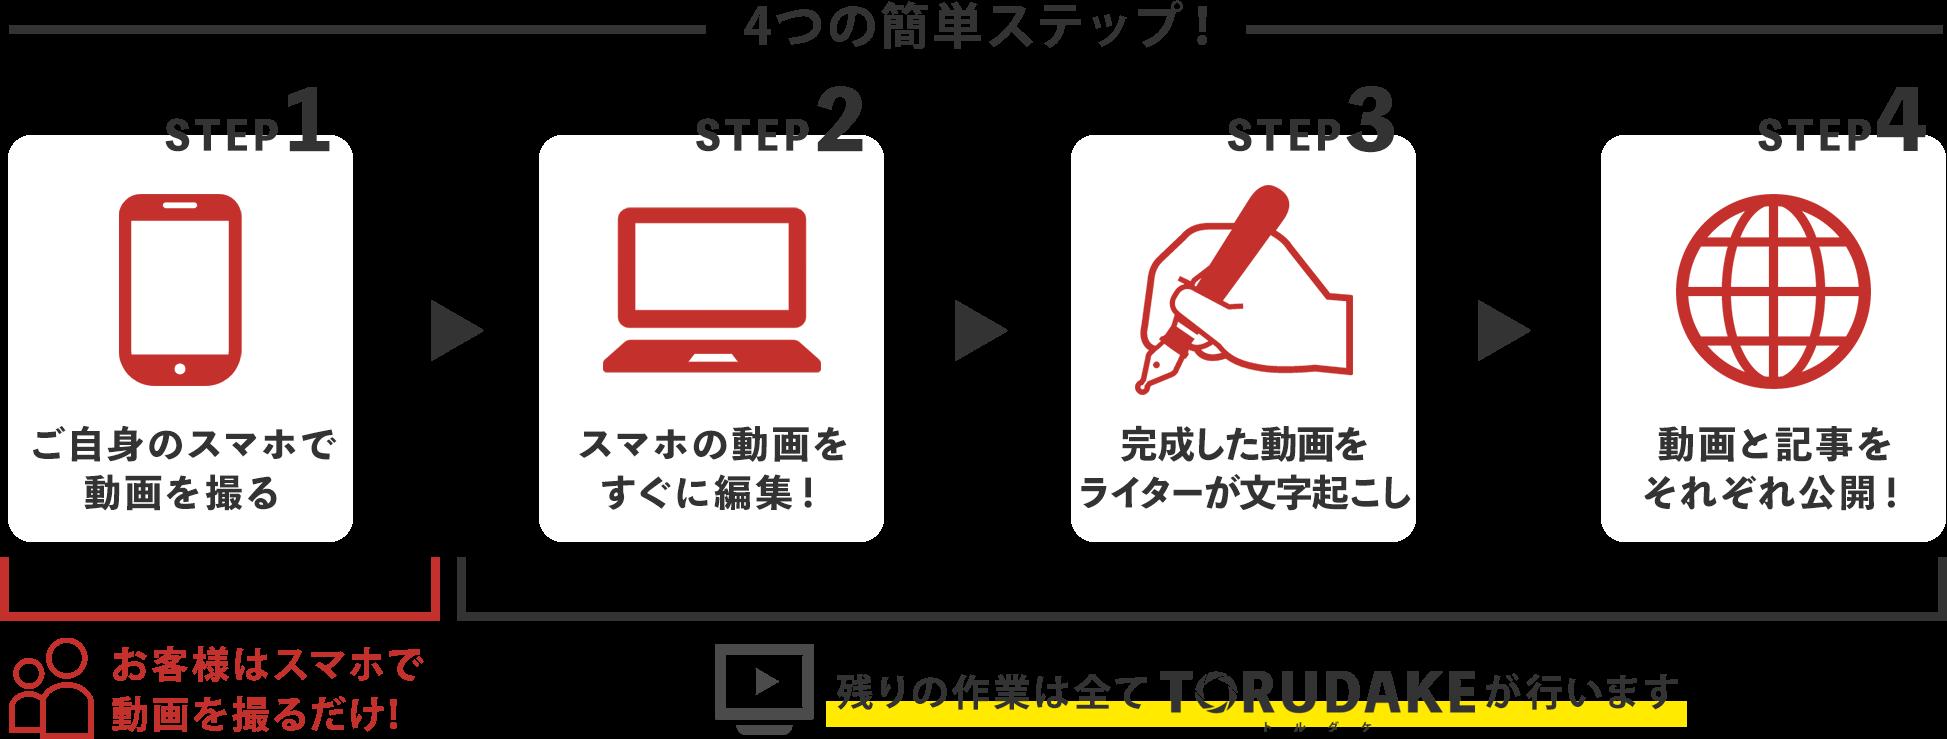 4つの簡単ステップ,ご自身のスマホで動画を撮る,スマホの動画をすぐに編集!,完成した動画をライターが文字起こし,動画と記事をそれぞれ公開!